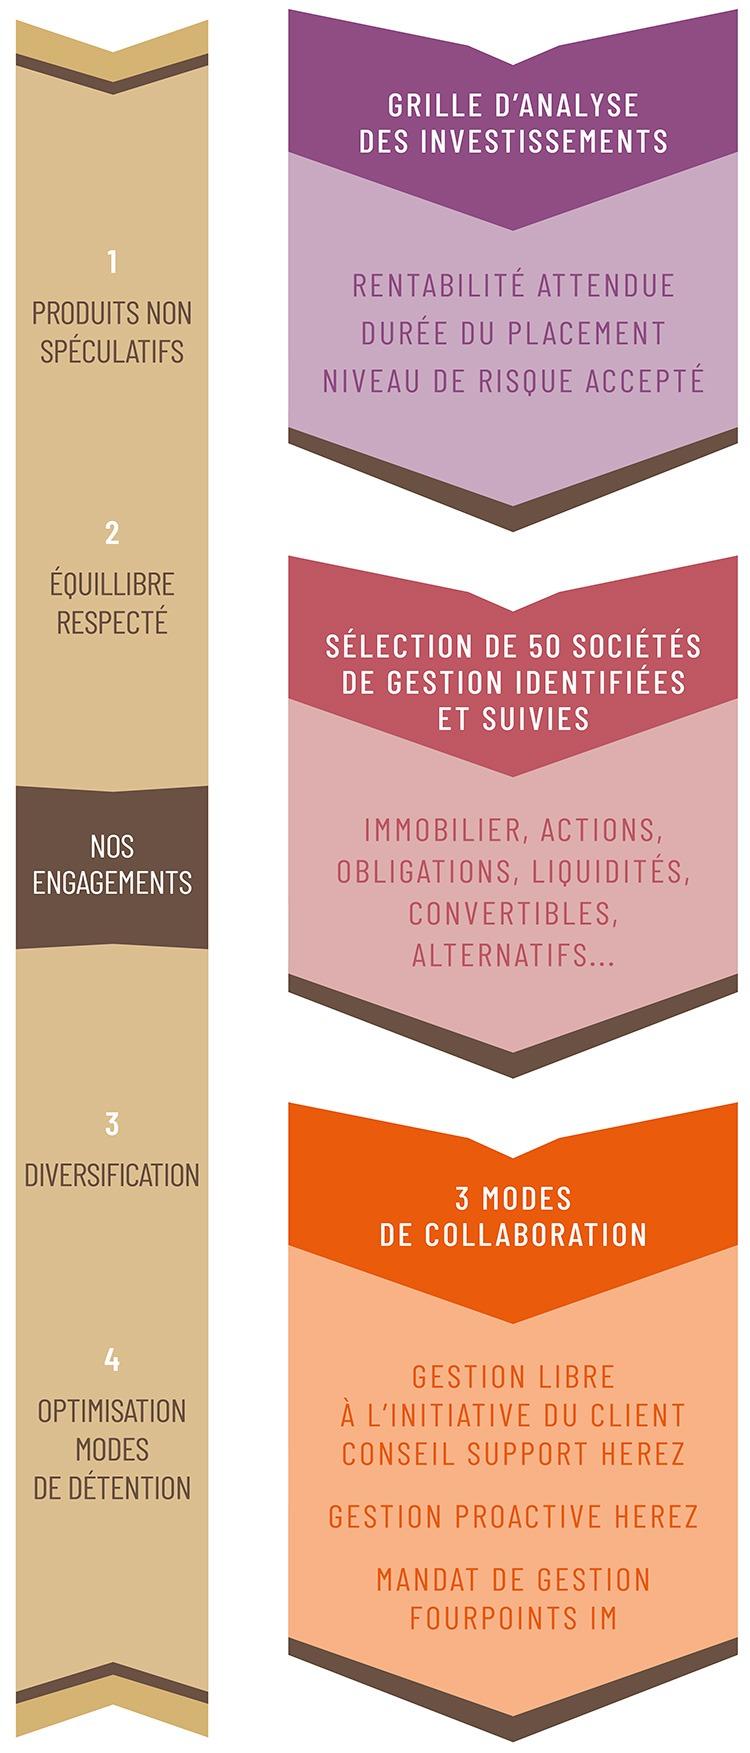 HEREZ-le-conseil-infographie